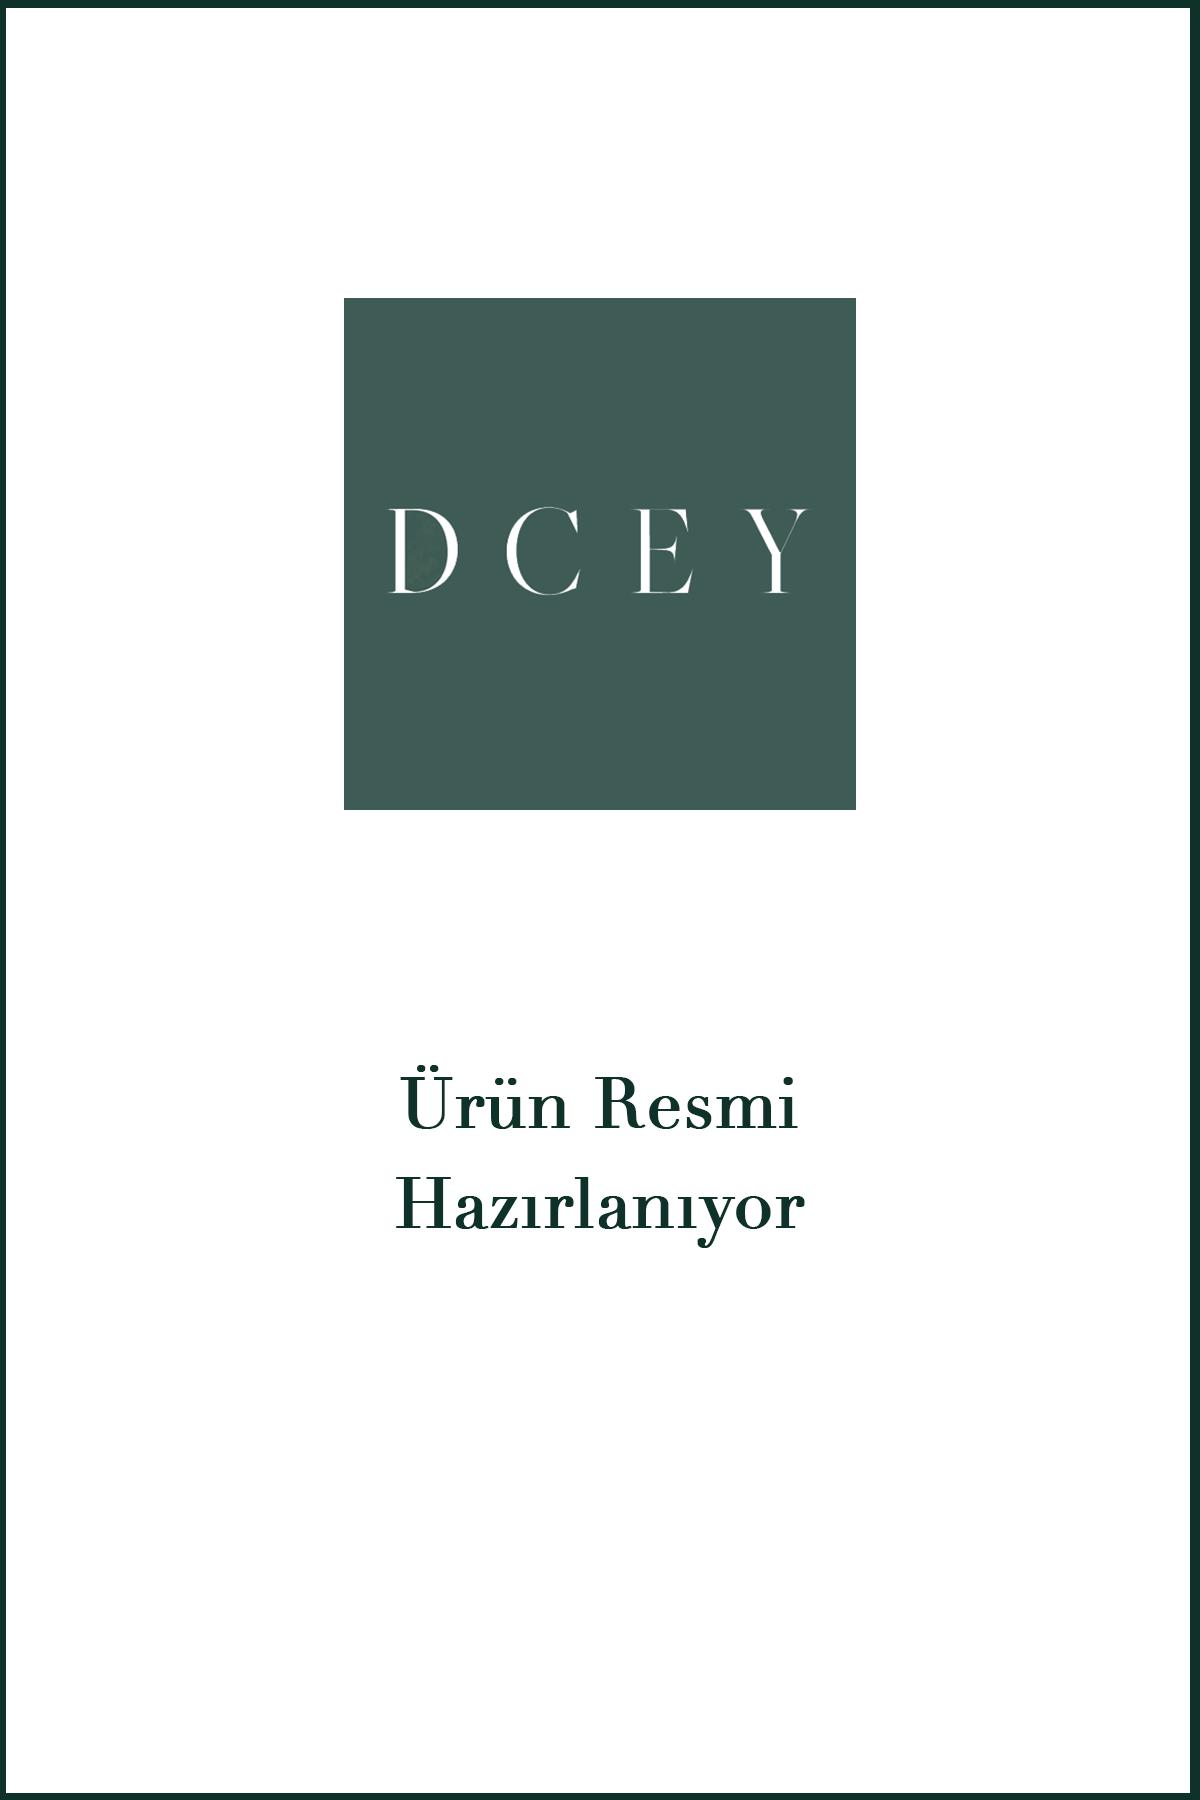 Fiore Mini Elbise